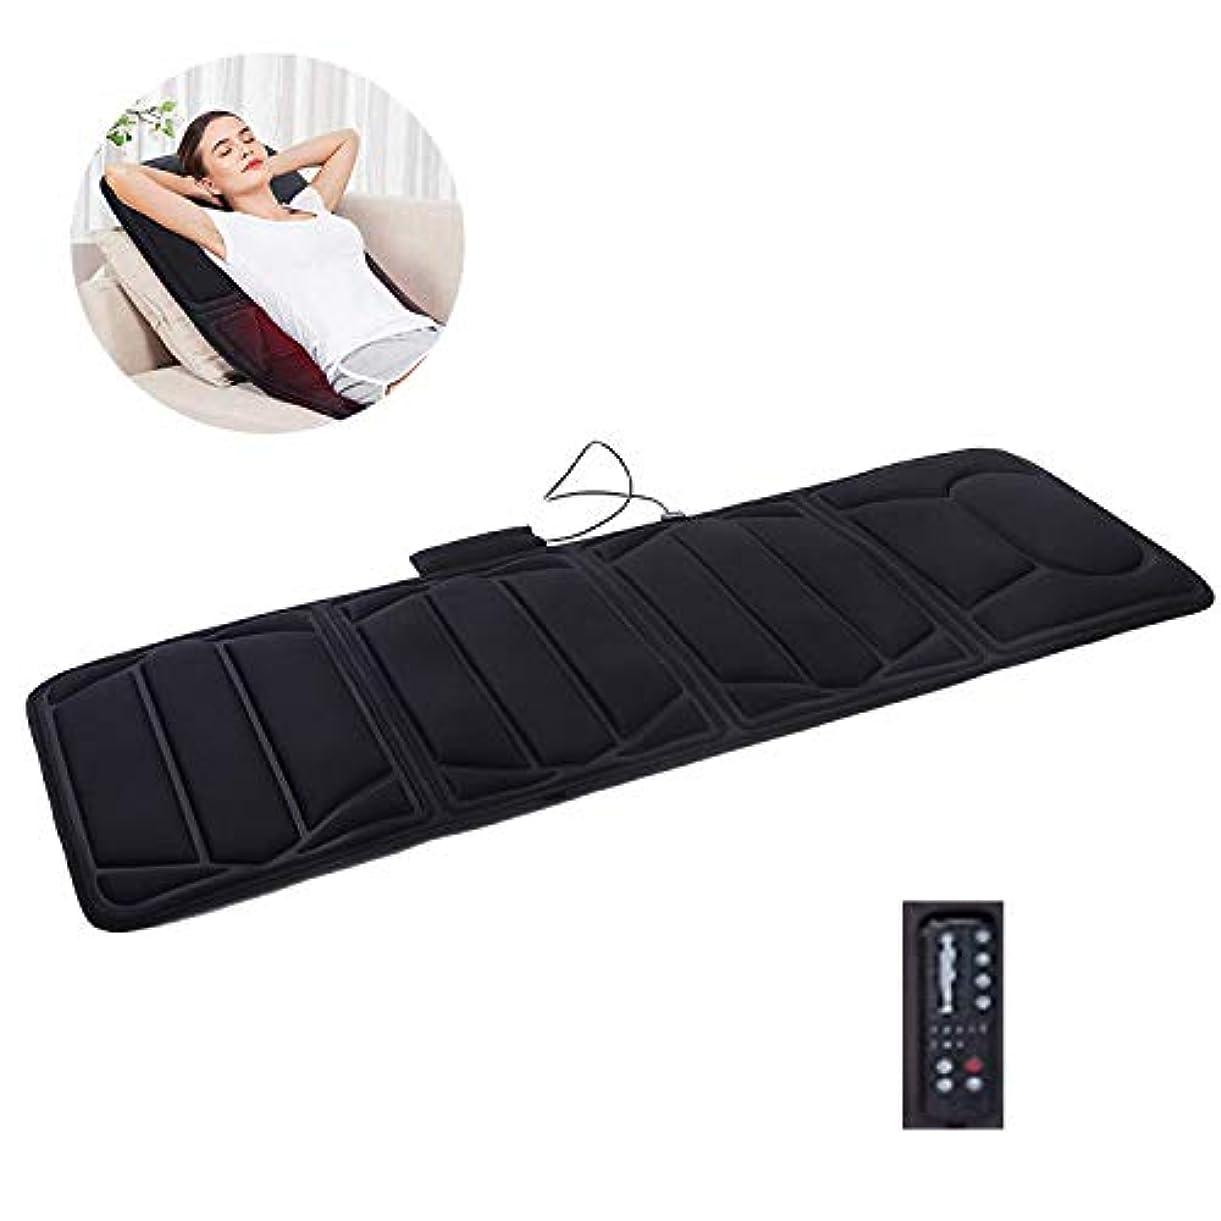 満員エンジニアリング偽善者電動マッサージチェアシートクッションパッド背中の痛みを軽減するフルボディマッサージのための2つの暖房パッドが付いている10のモーター振動のマッサージのマットレスパッド